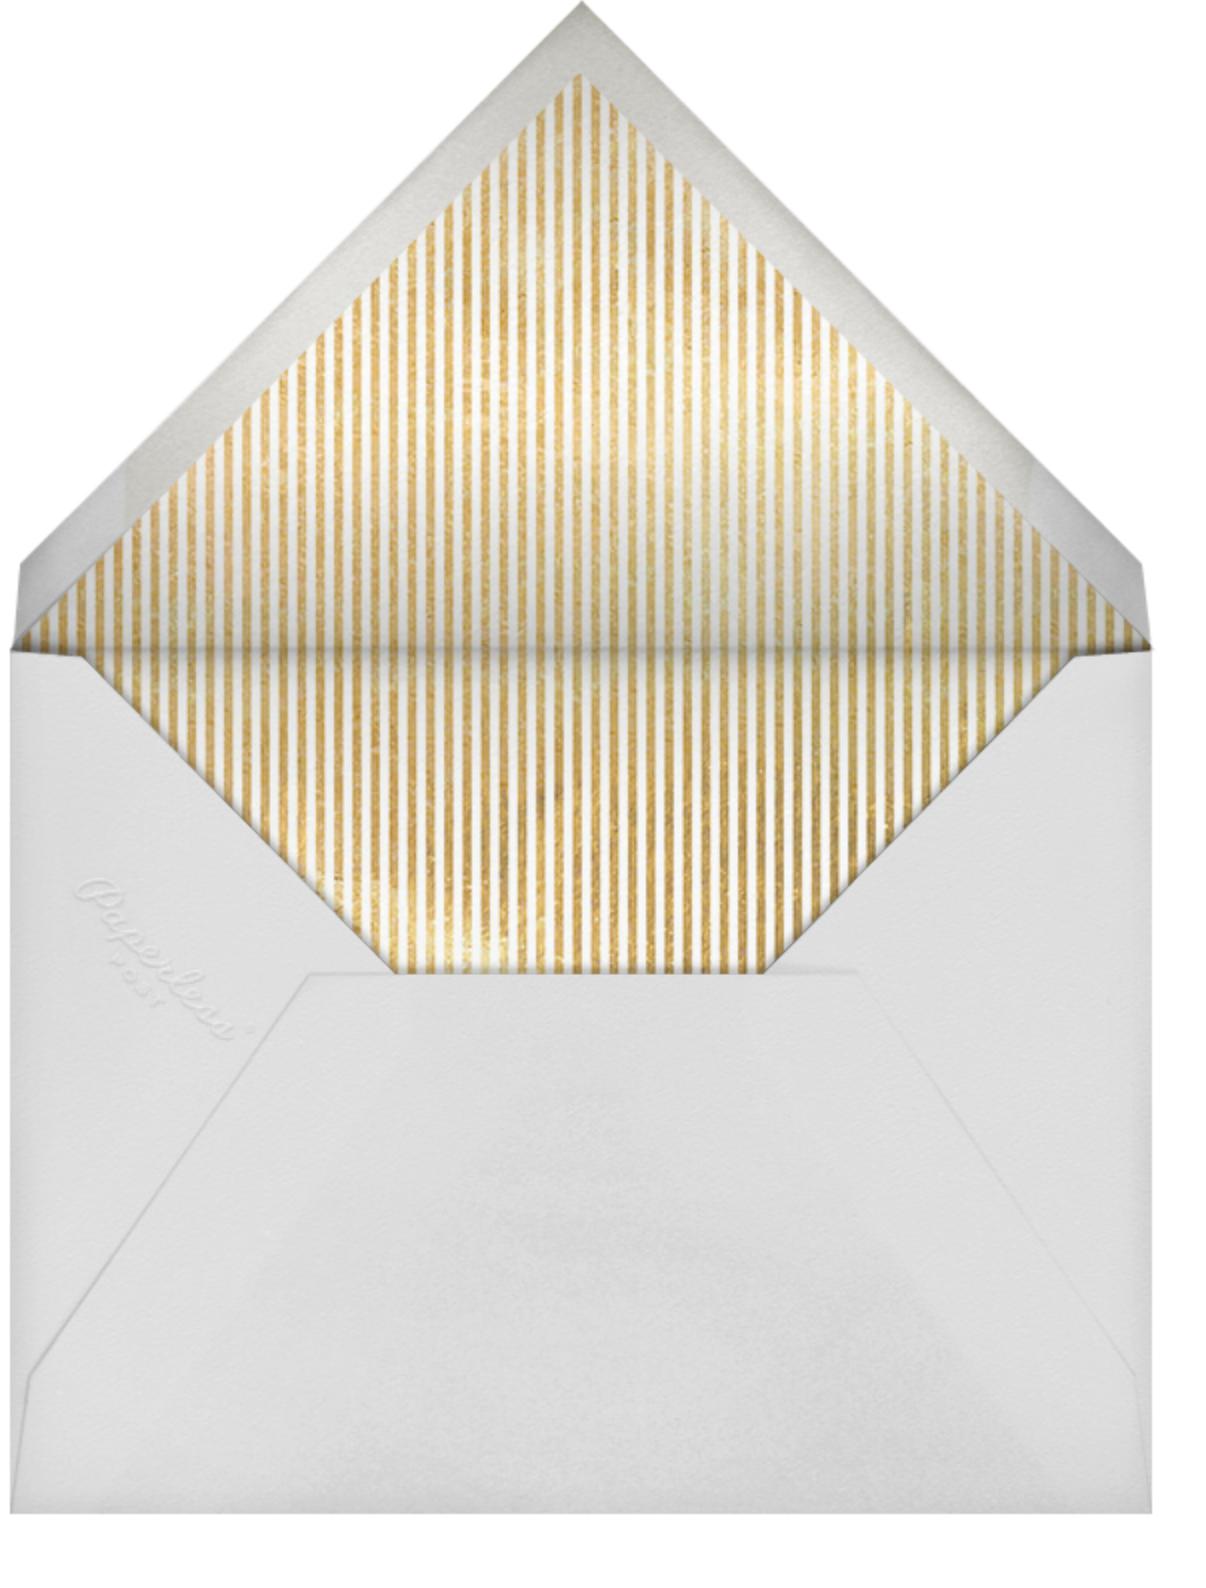 Milestone Dots (Seventy) - Navy - Sugar Paper - Adult birthday - envelope back